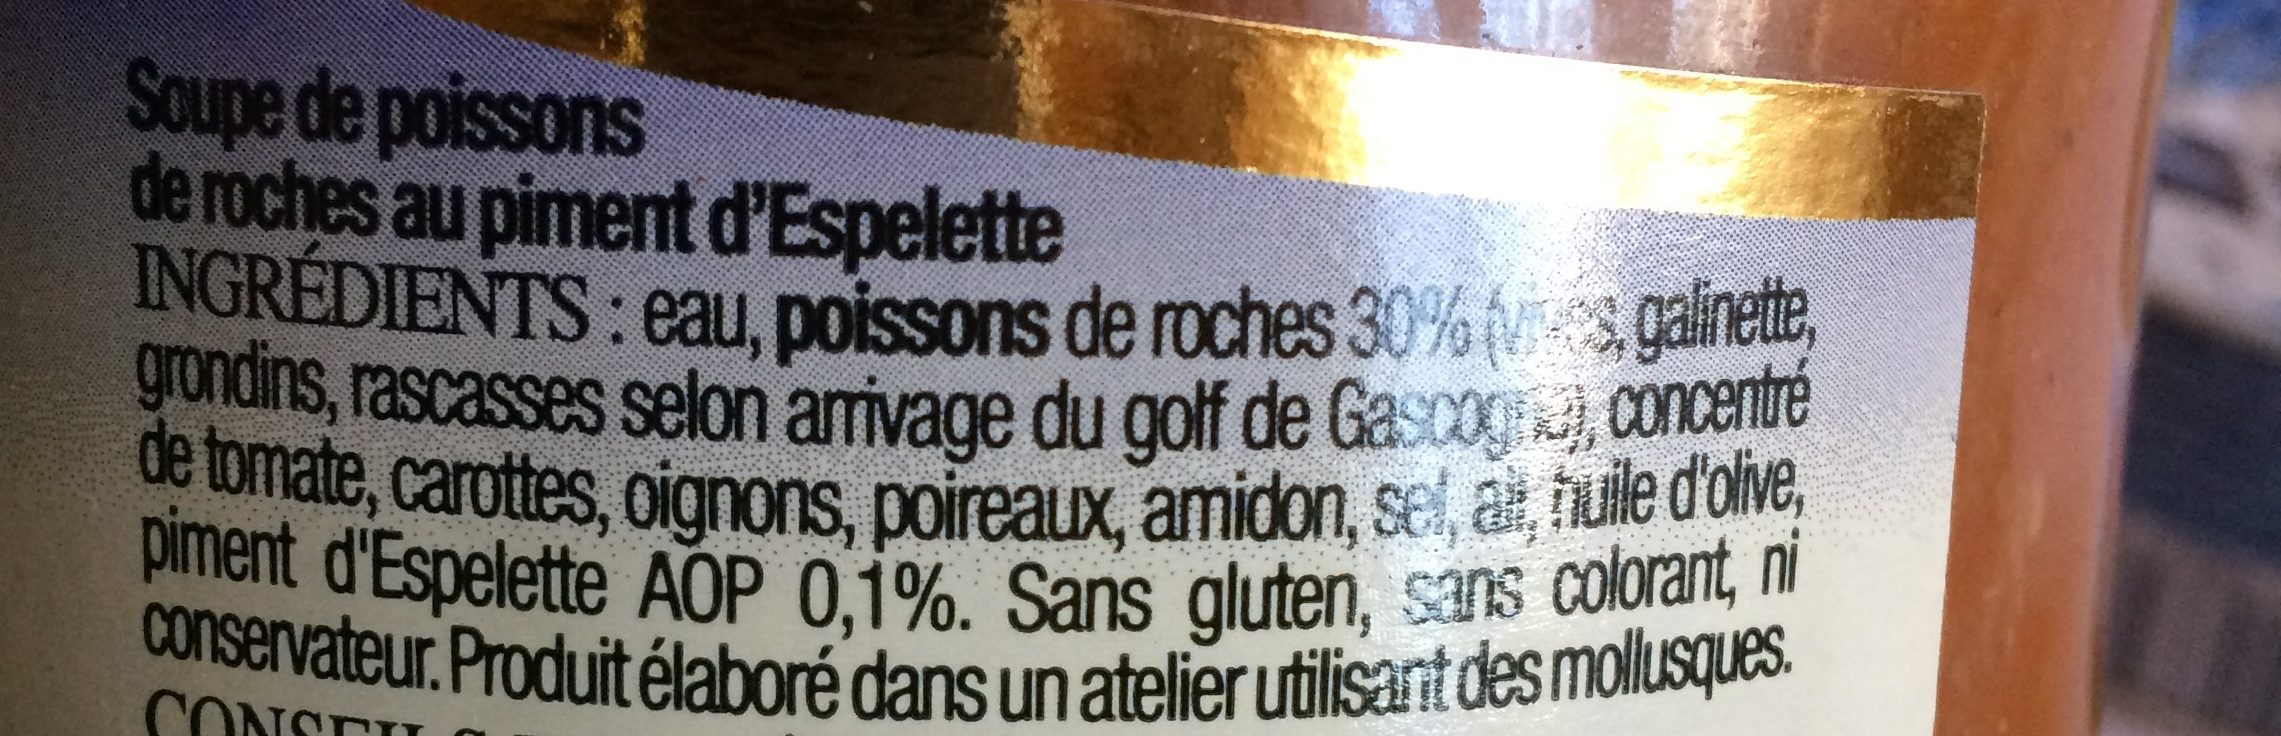 Soupe de poissons de roches au piment d'Espelette - Ingrédients - fr